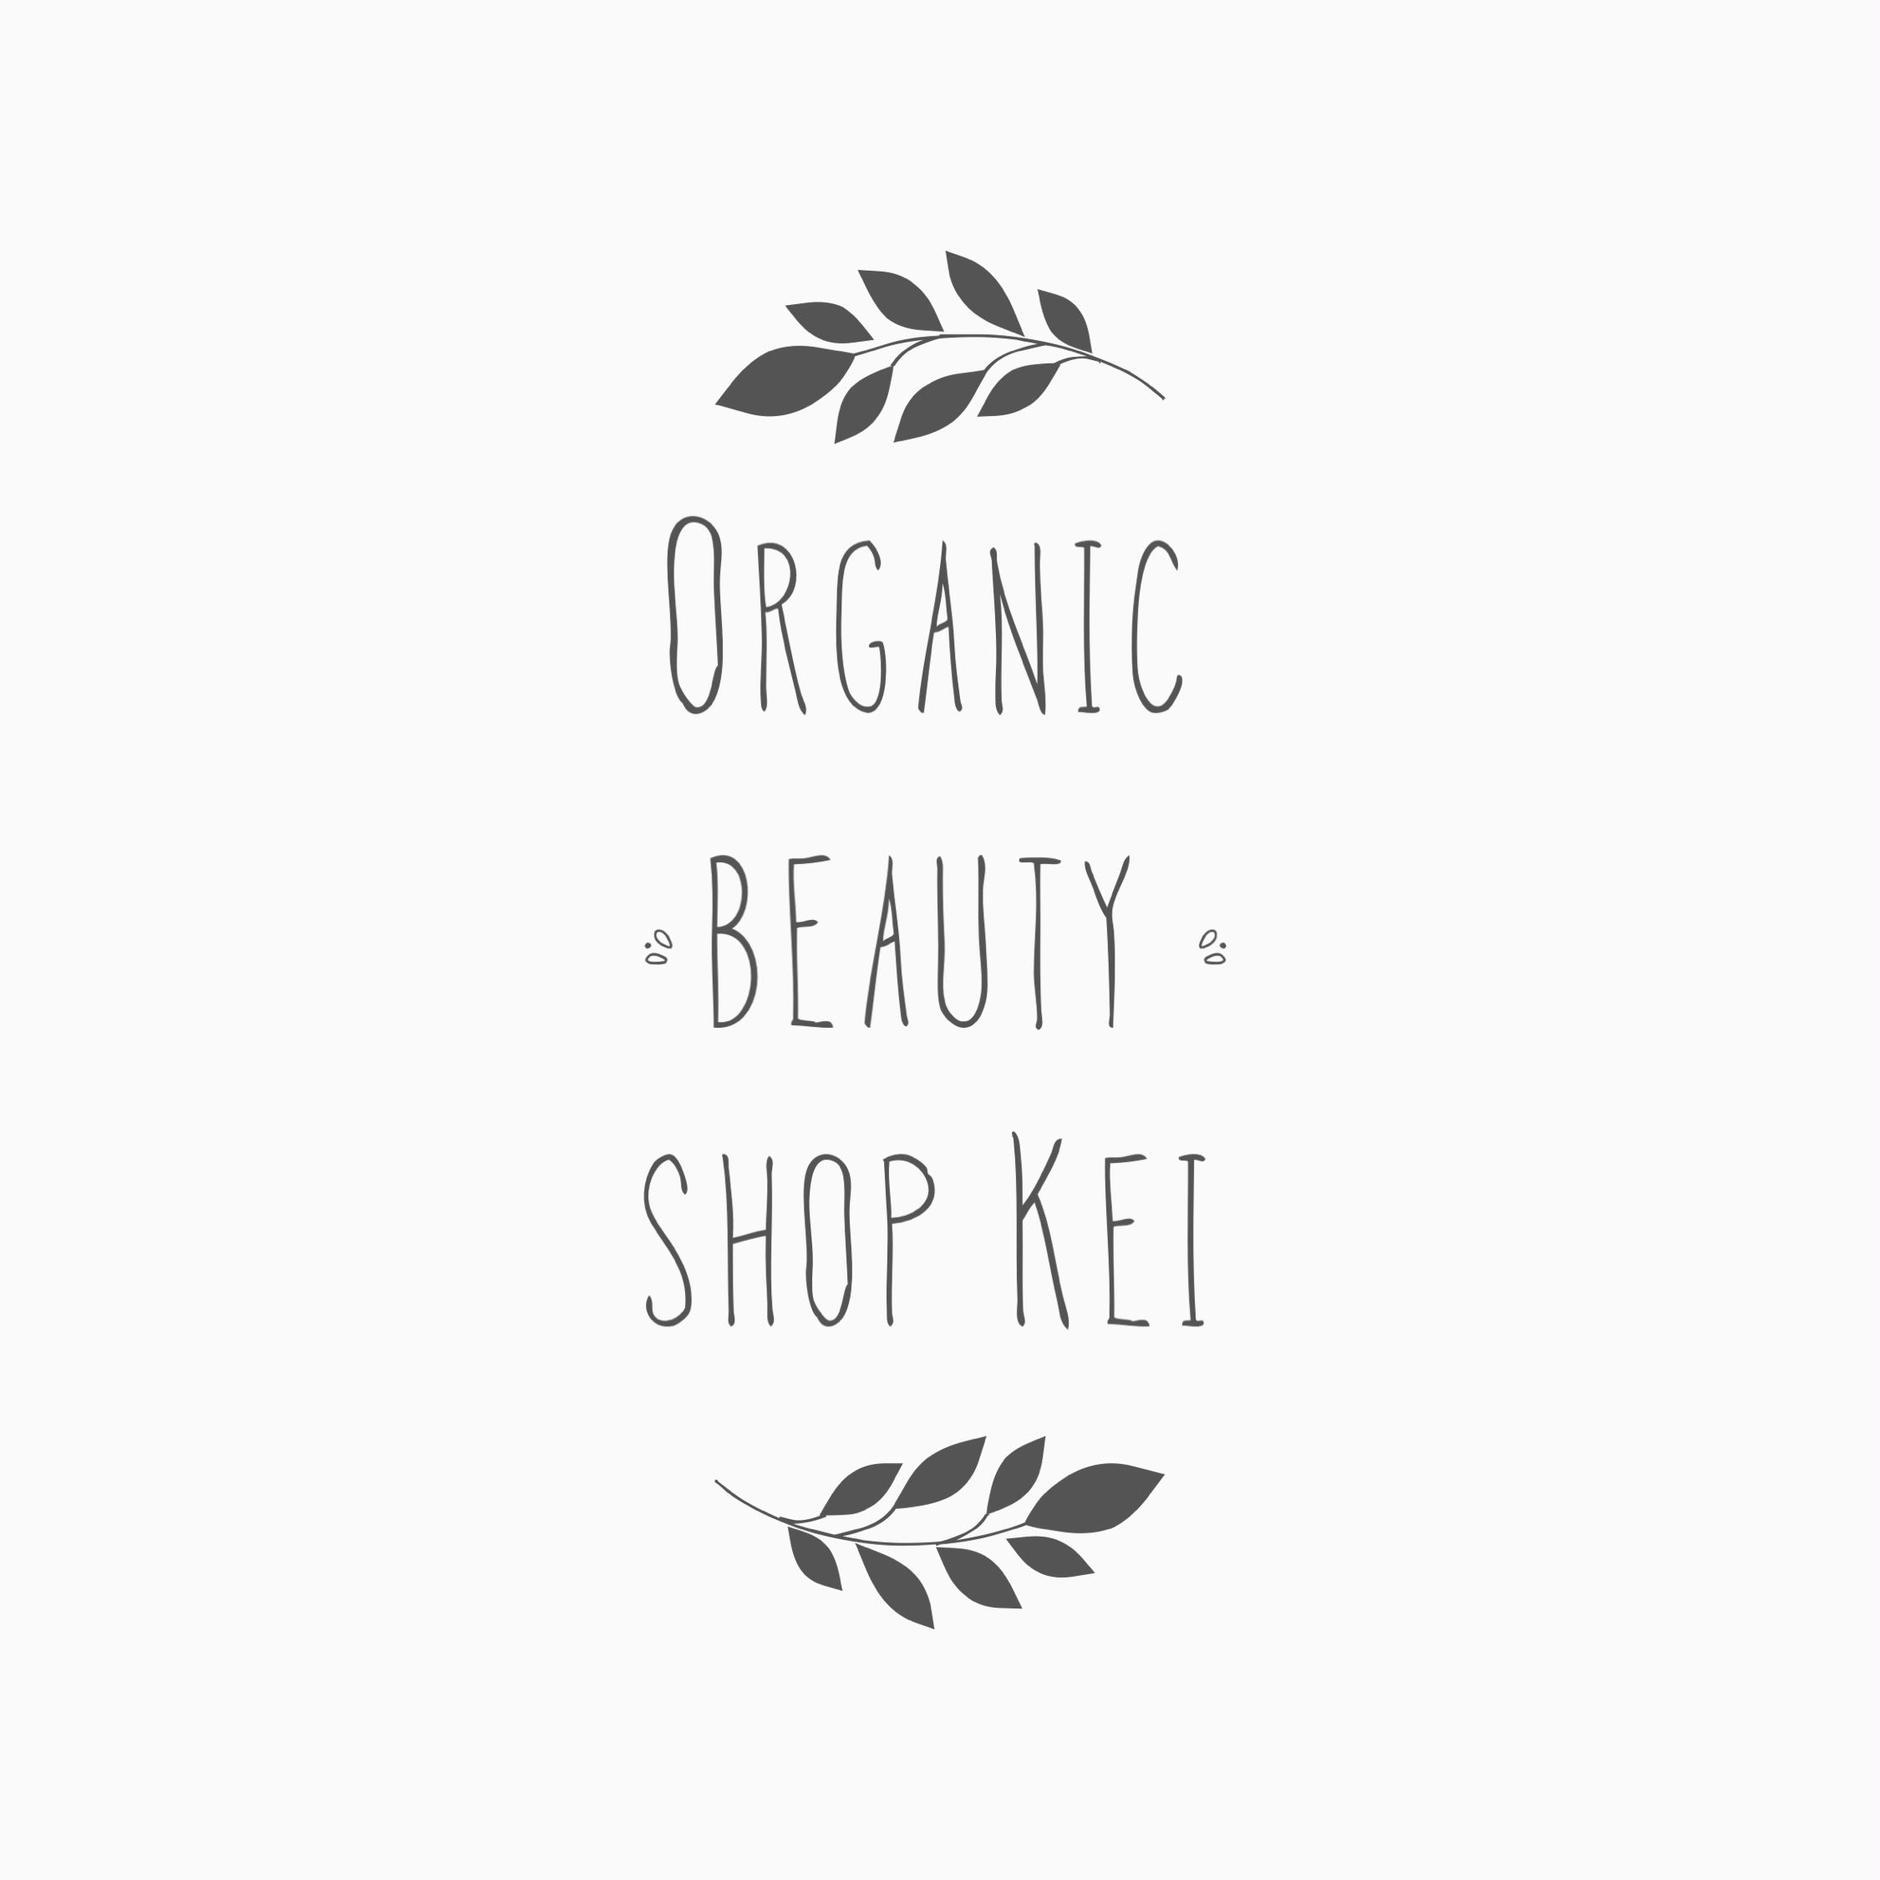 Organic beauty shop Kei